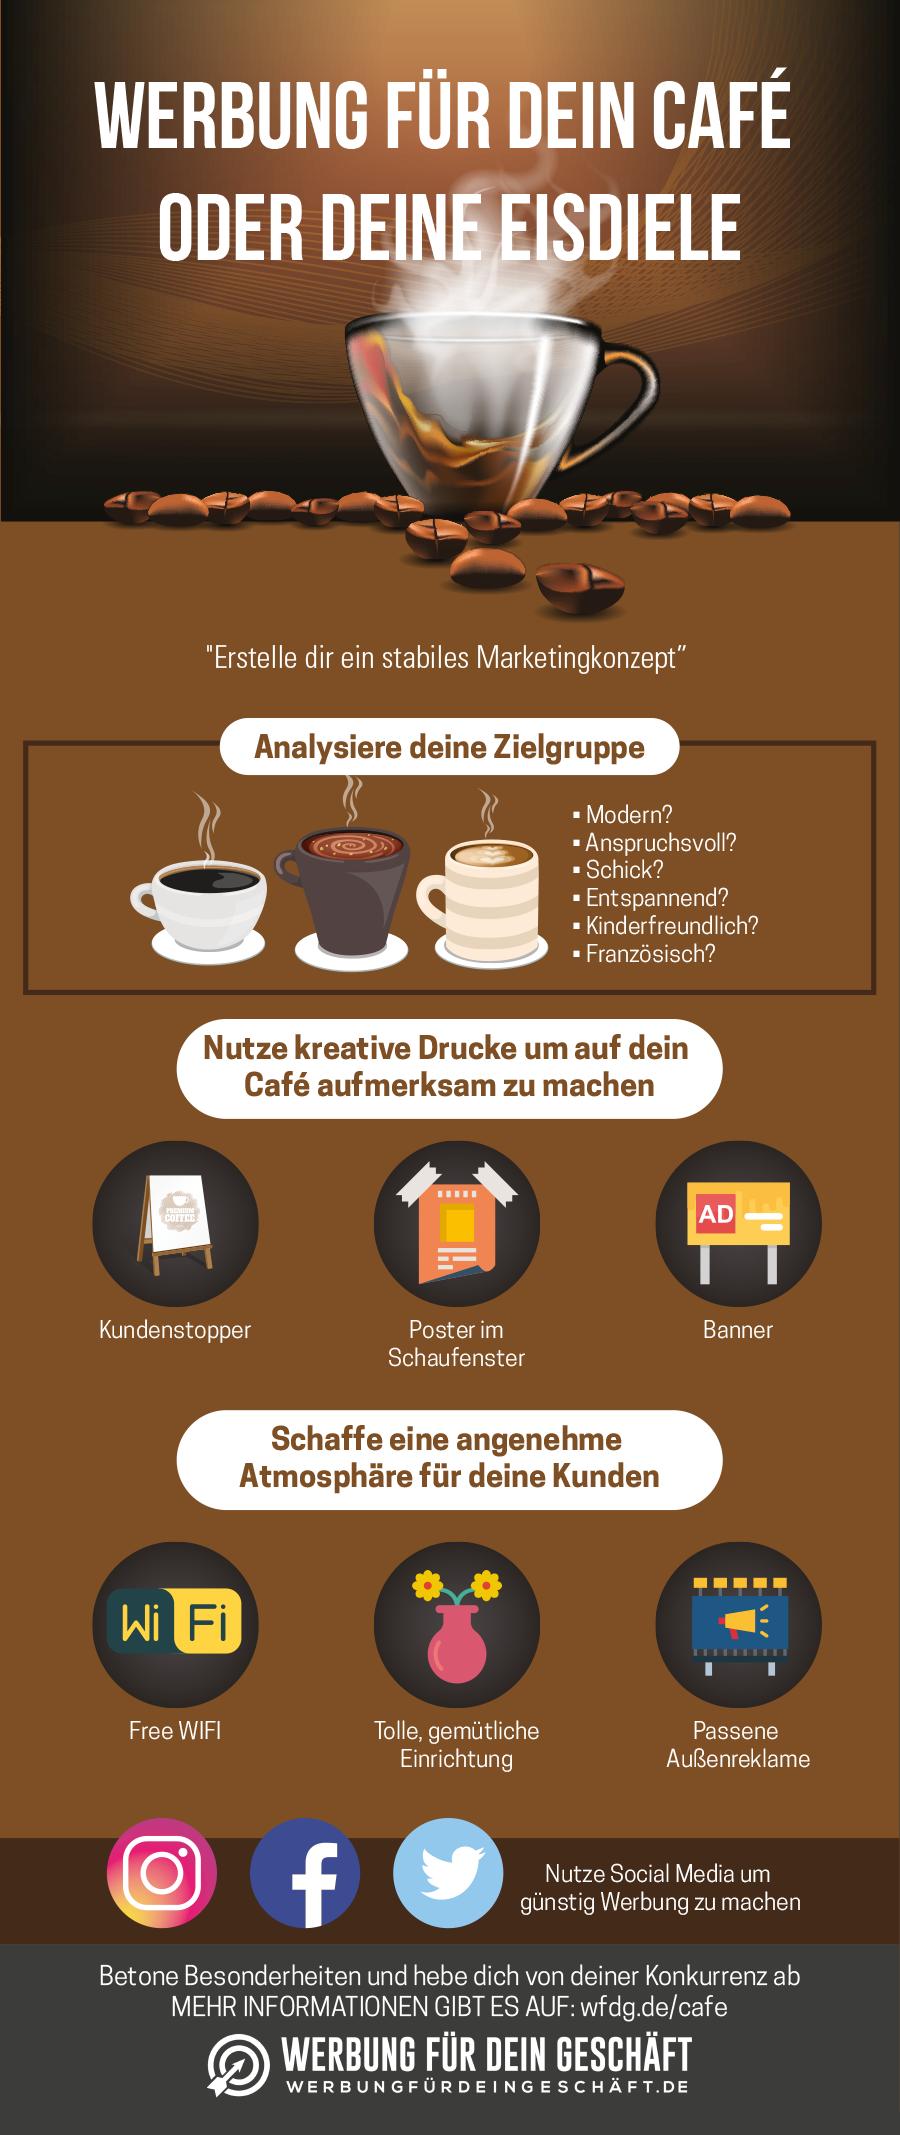 Infografik zum Thema Werbung für Cafes und Eisdielen